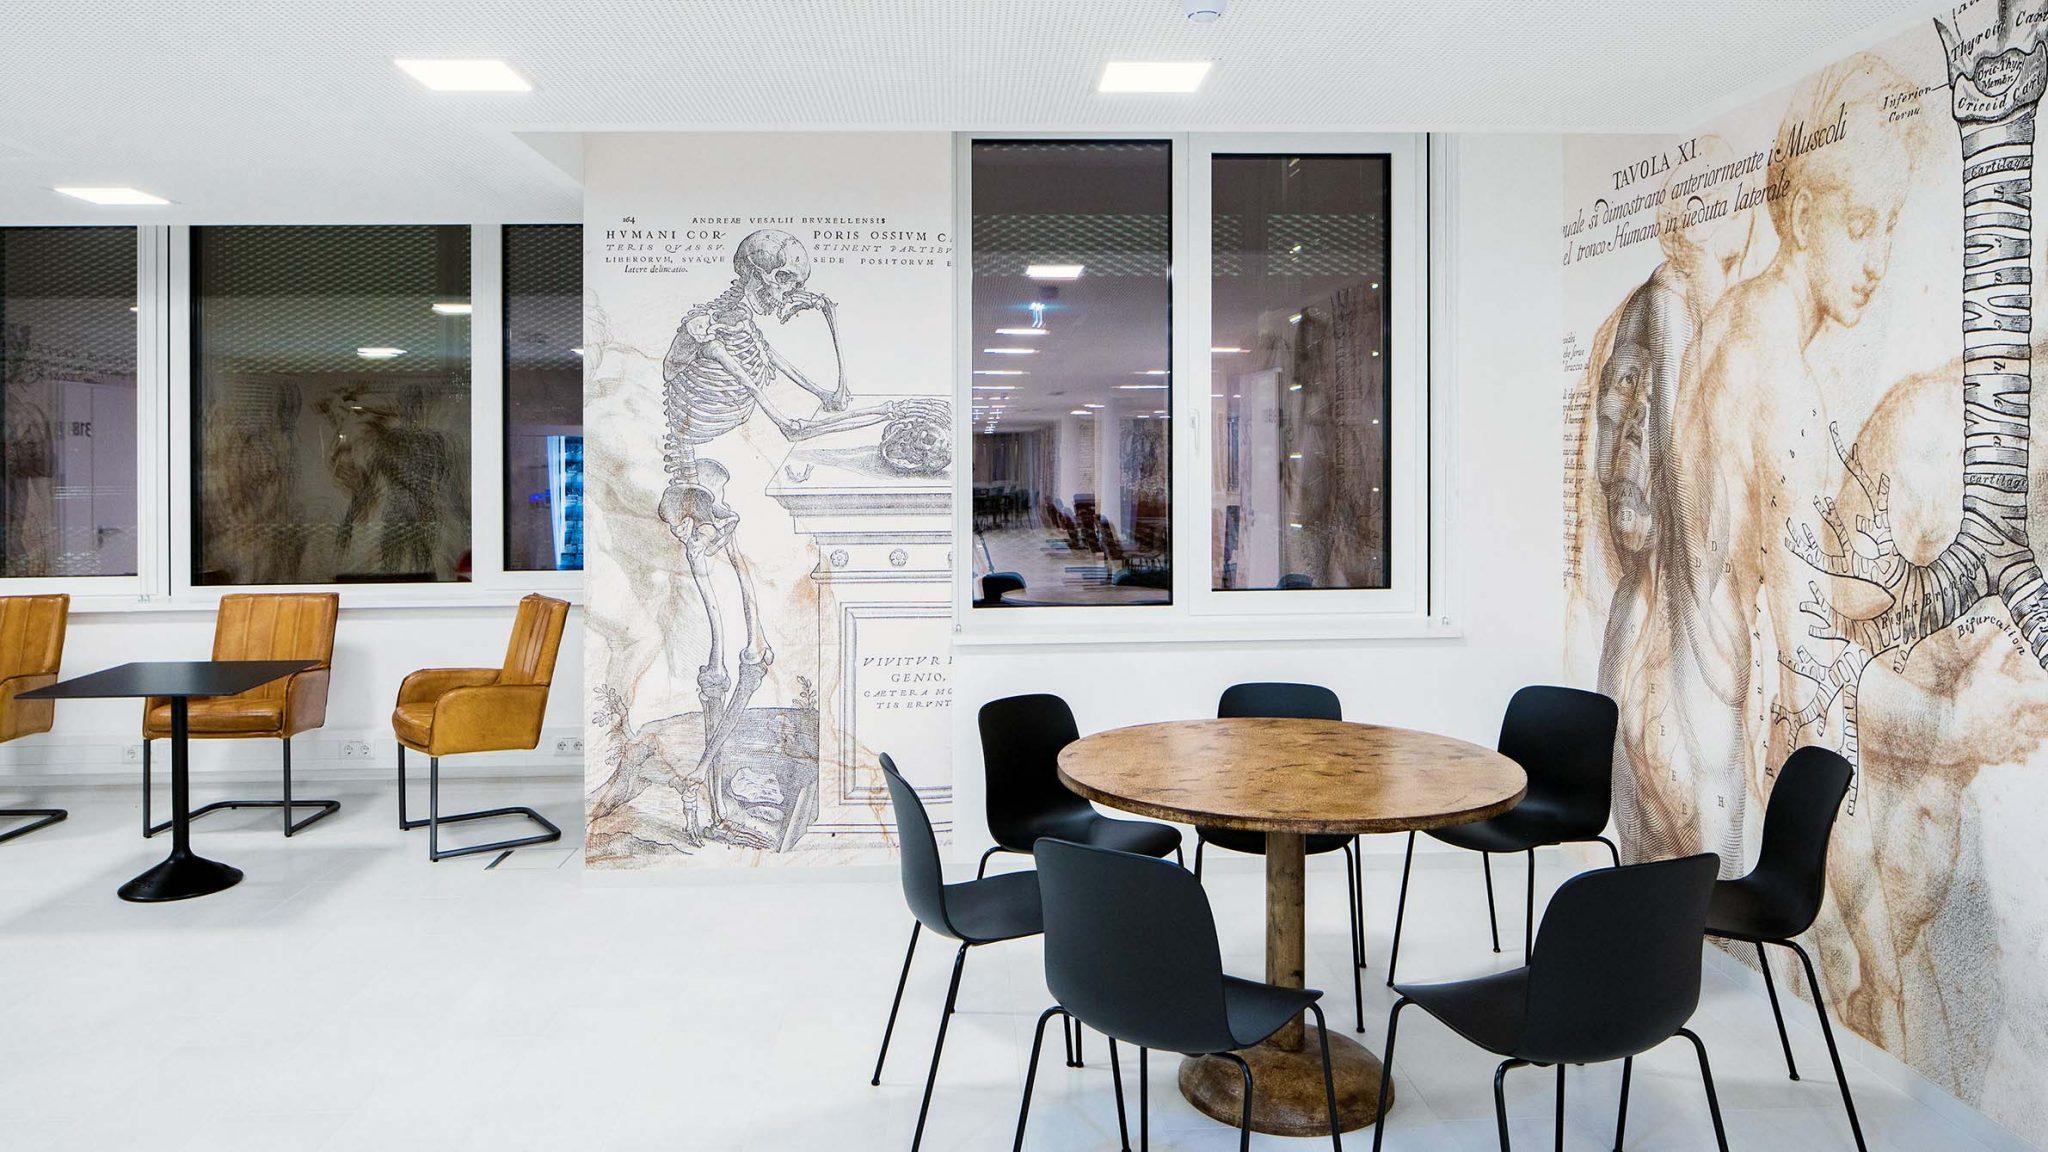 Lounge mit Lederstühlen und eckigen und runden Tischen. Tapete mit neu arrangierten Zeichnung von Vesalius.